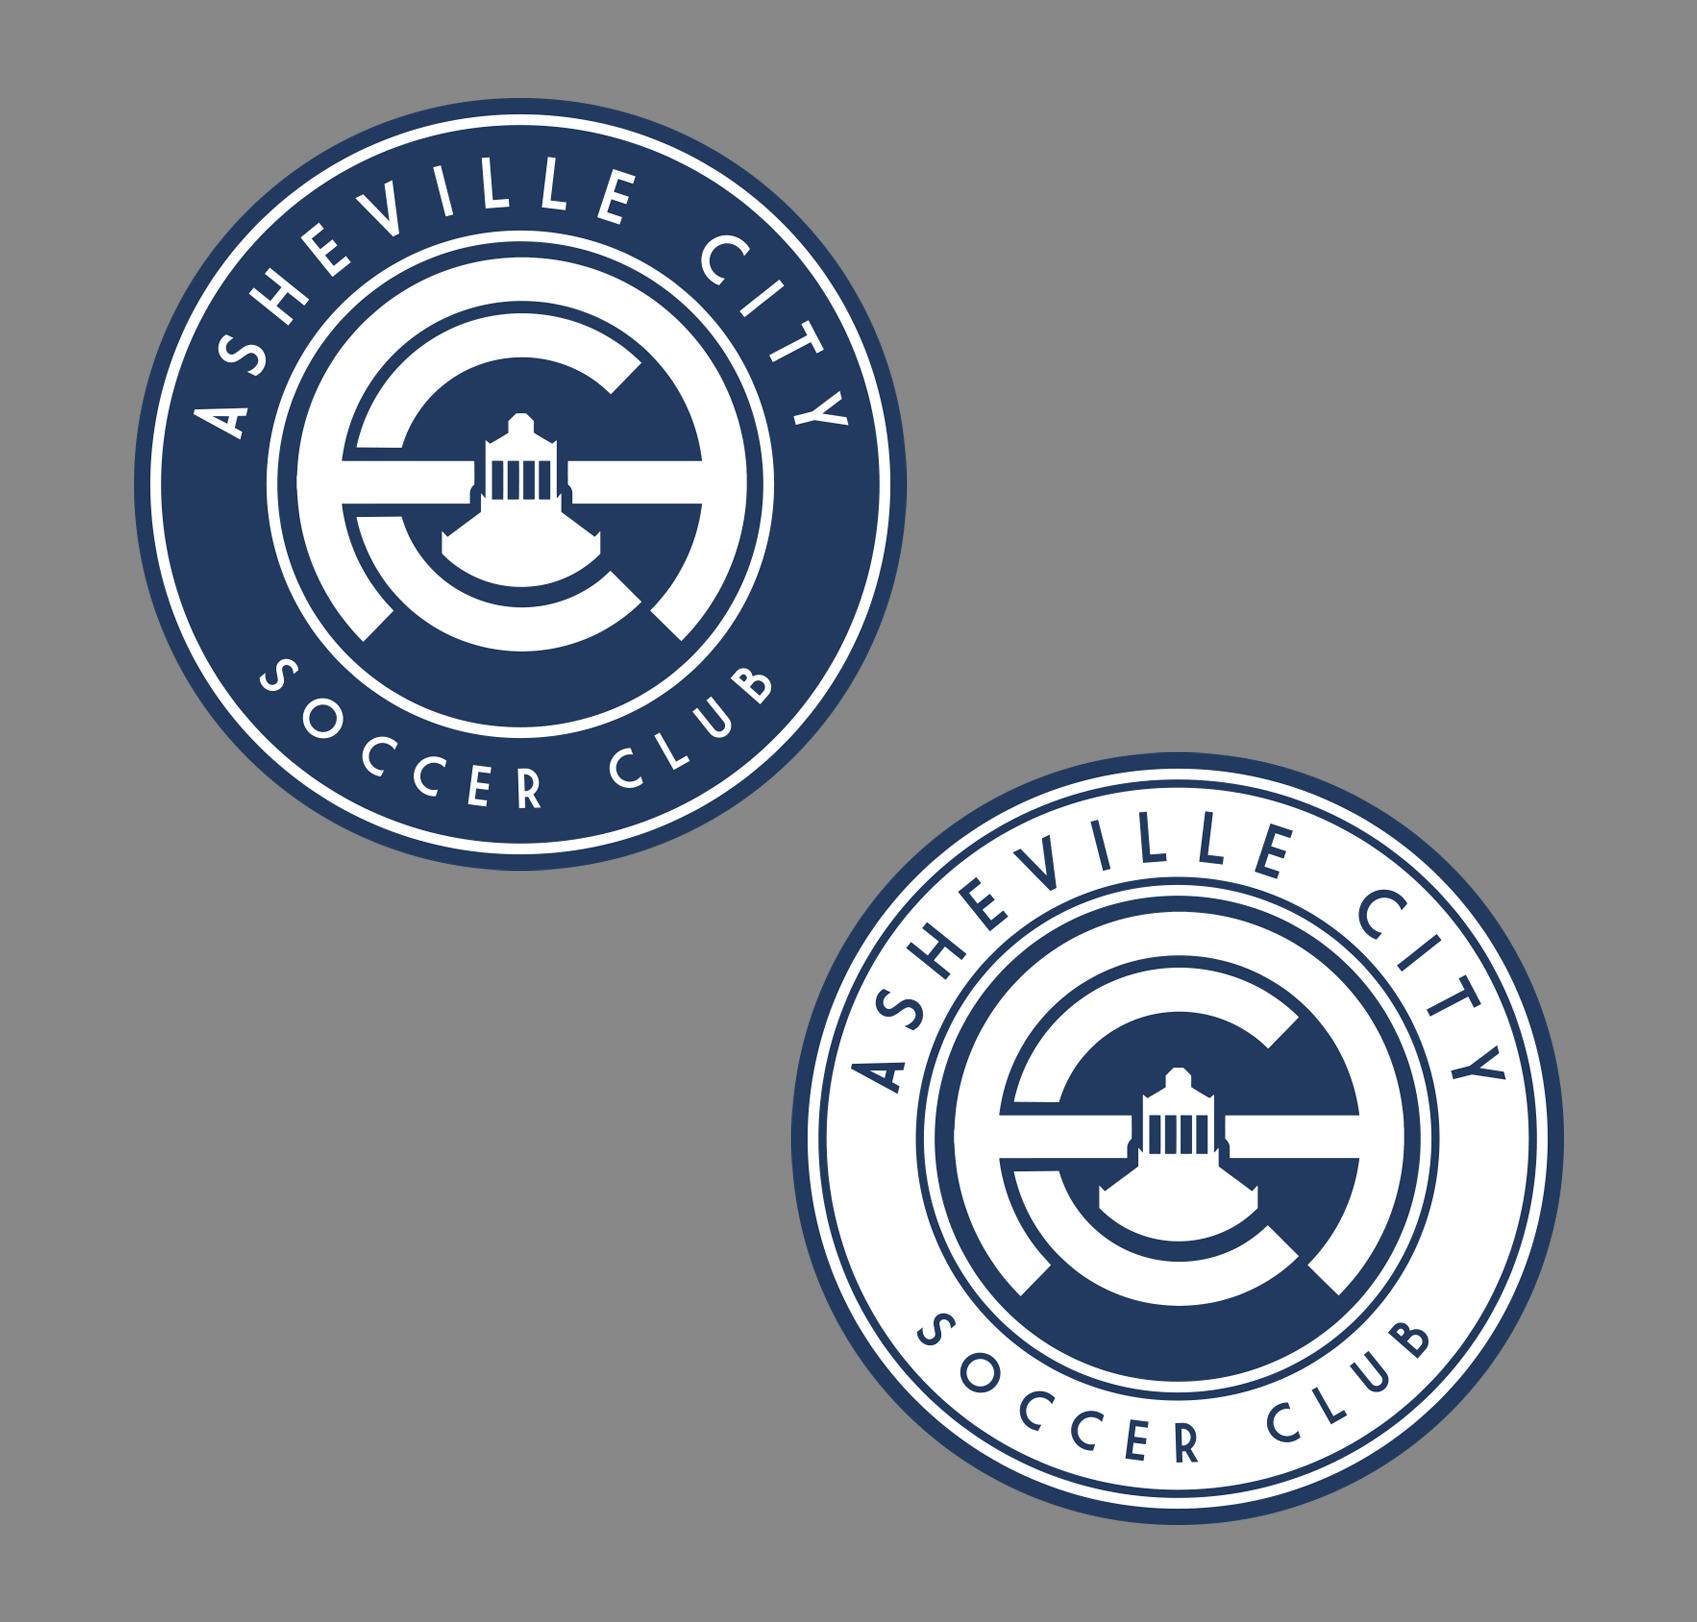 Final Logo Design for Asheville City Soccer Club